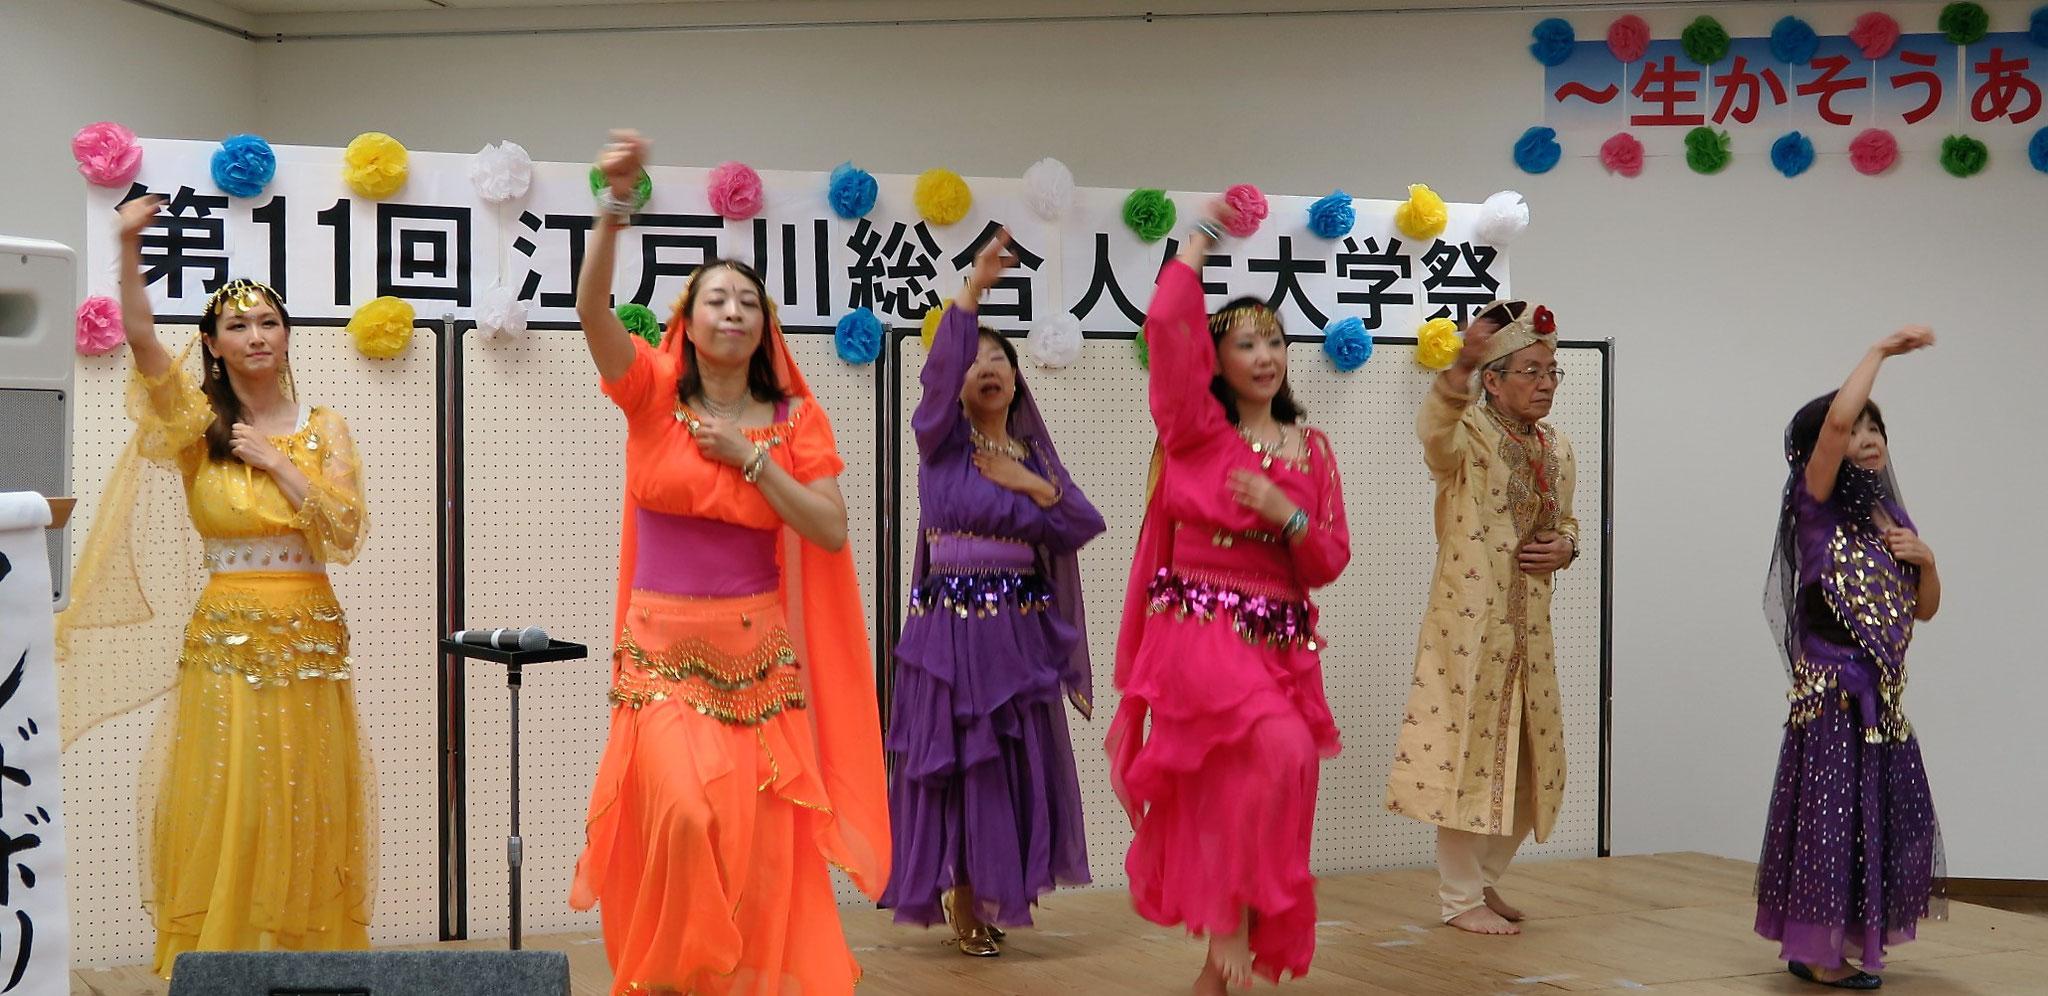 インドダンサーズ:ボリウッドダンス